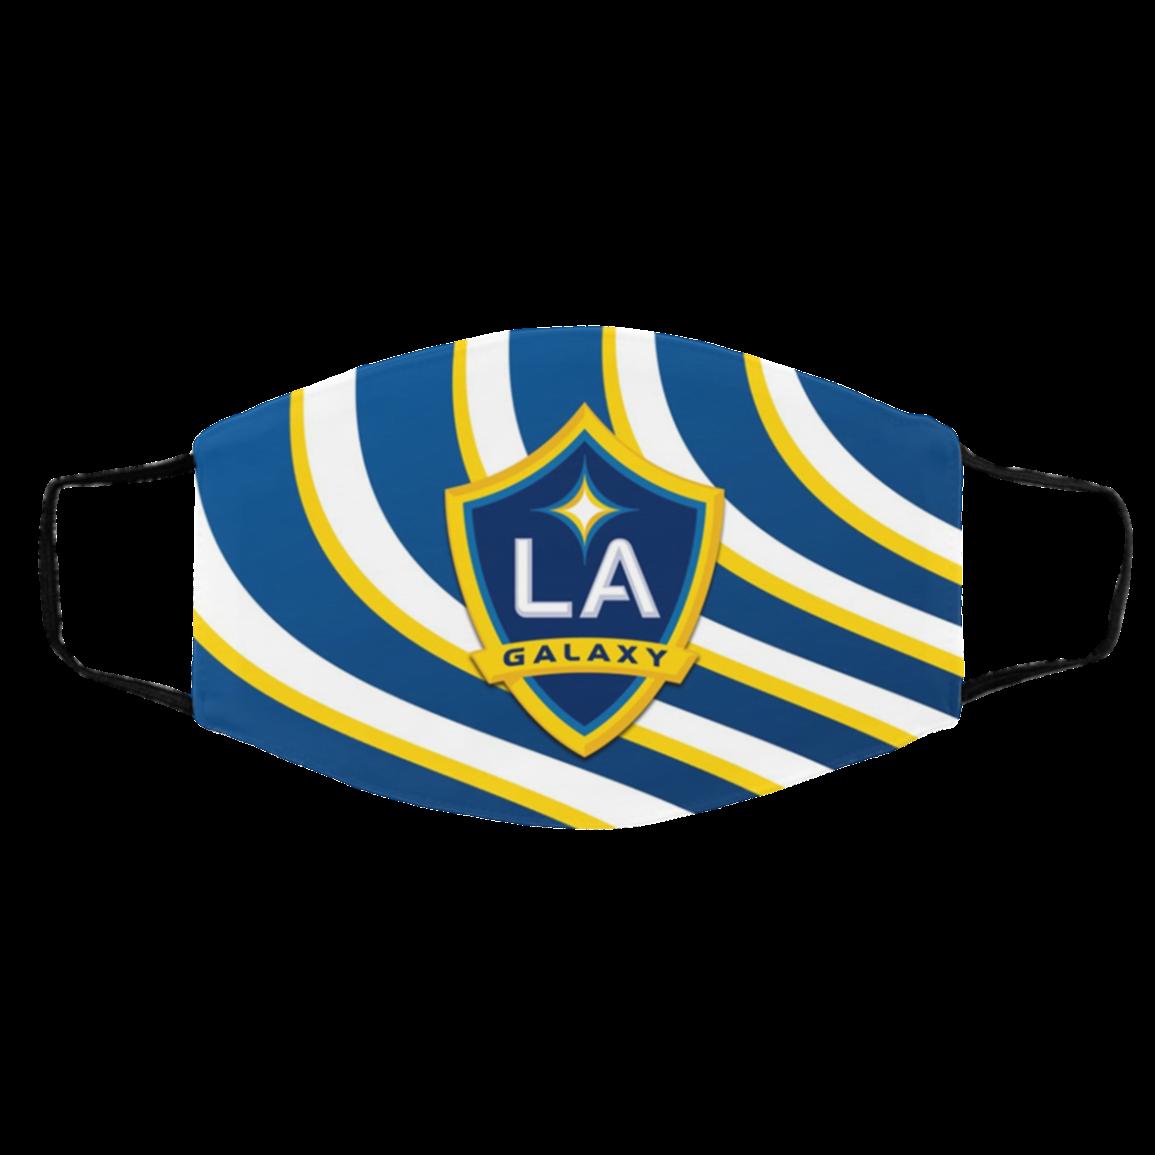 Face Mask LA Gala–xy Reusable Masks